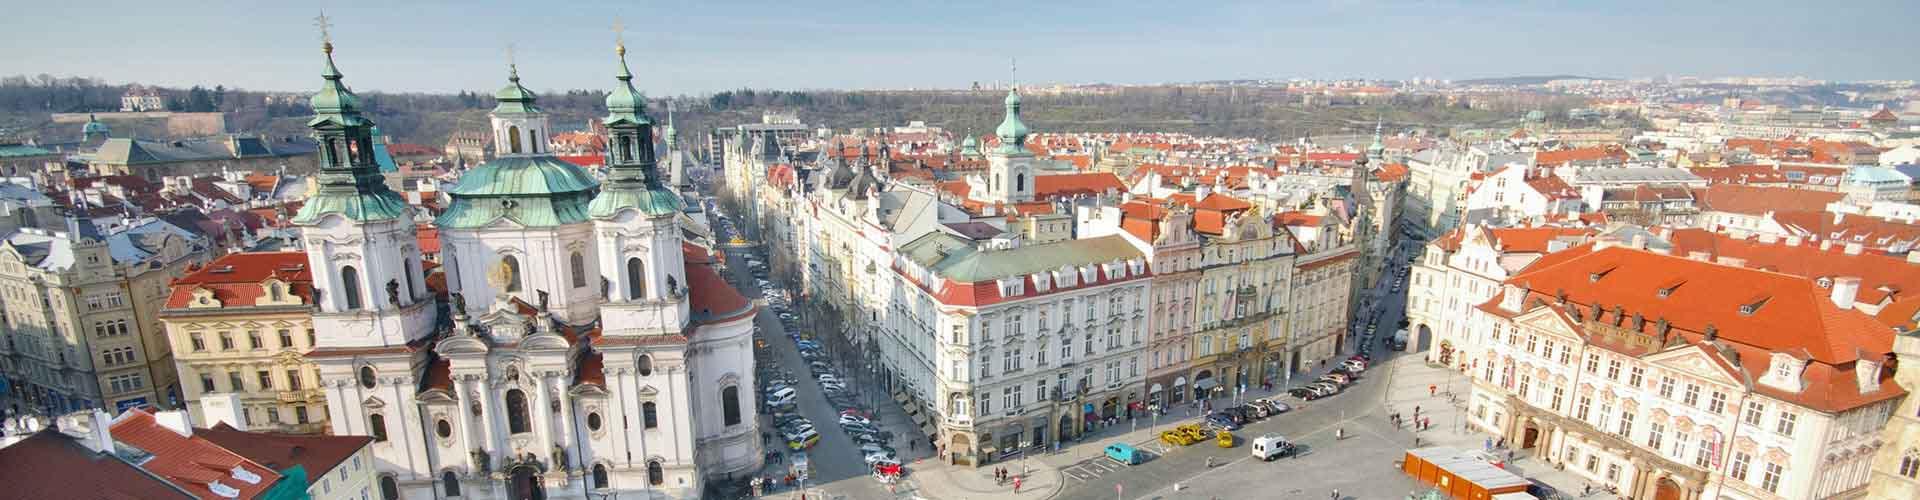 布拉格 – 老城广场附近的公寓。布拉格地图,布拉格每间公寓的照片和评价。